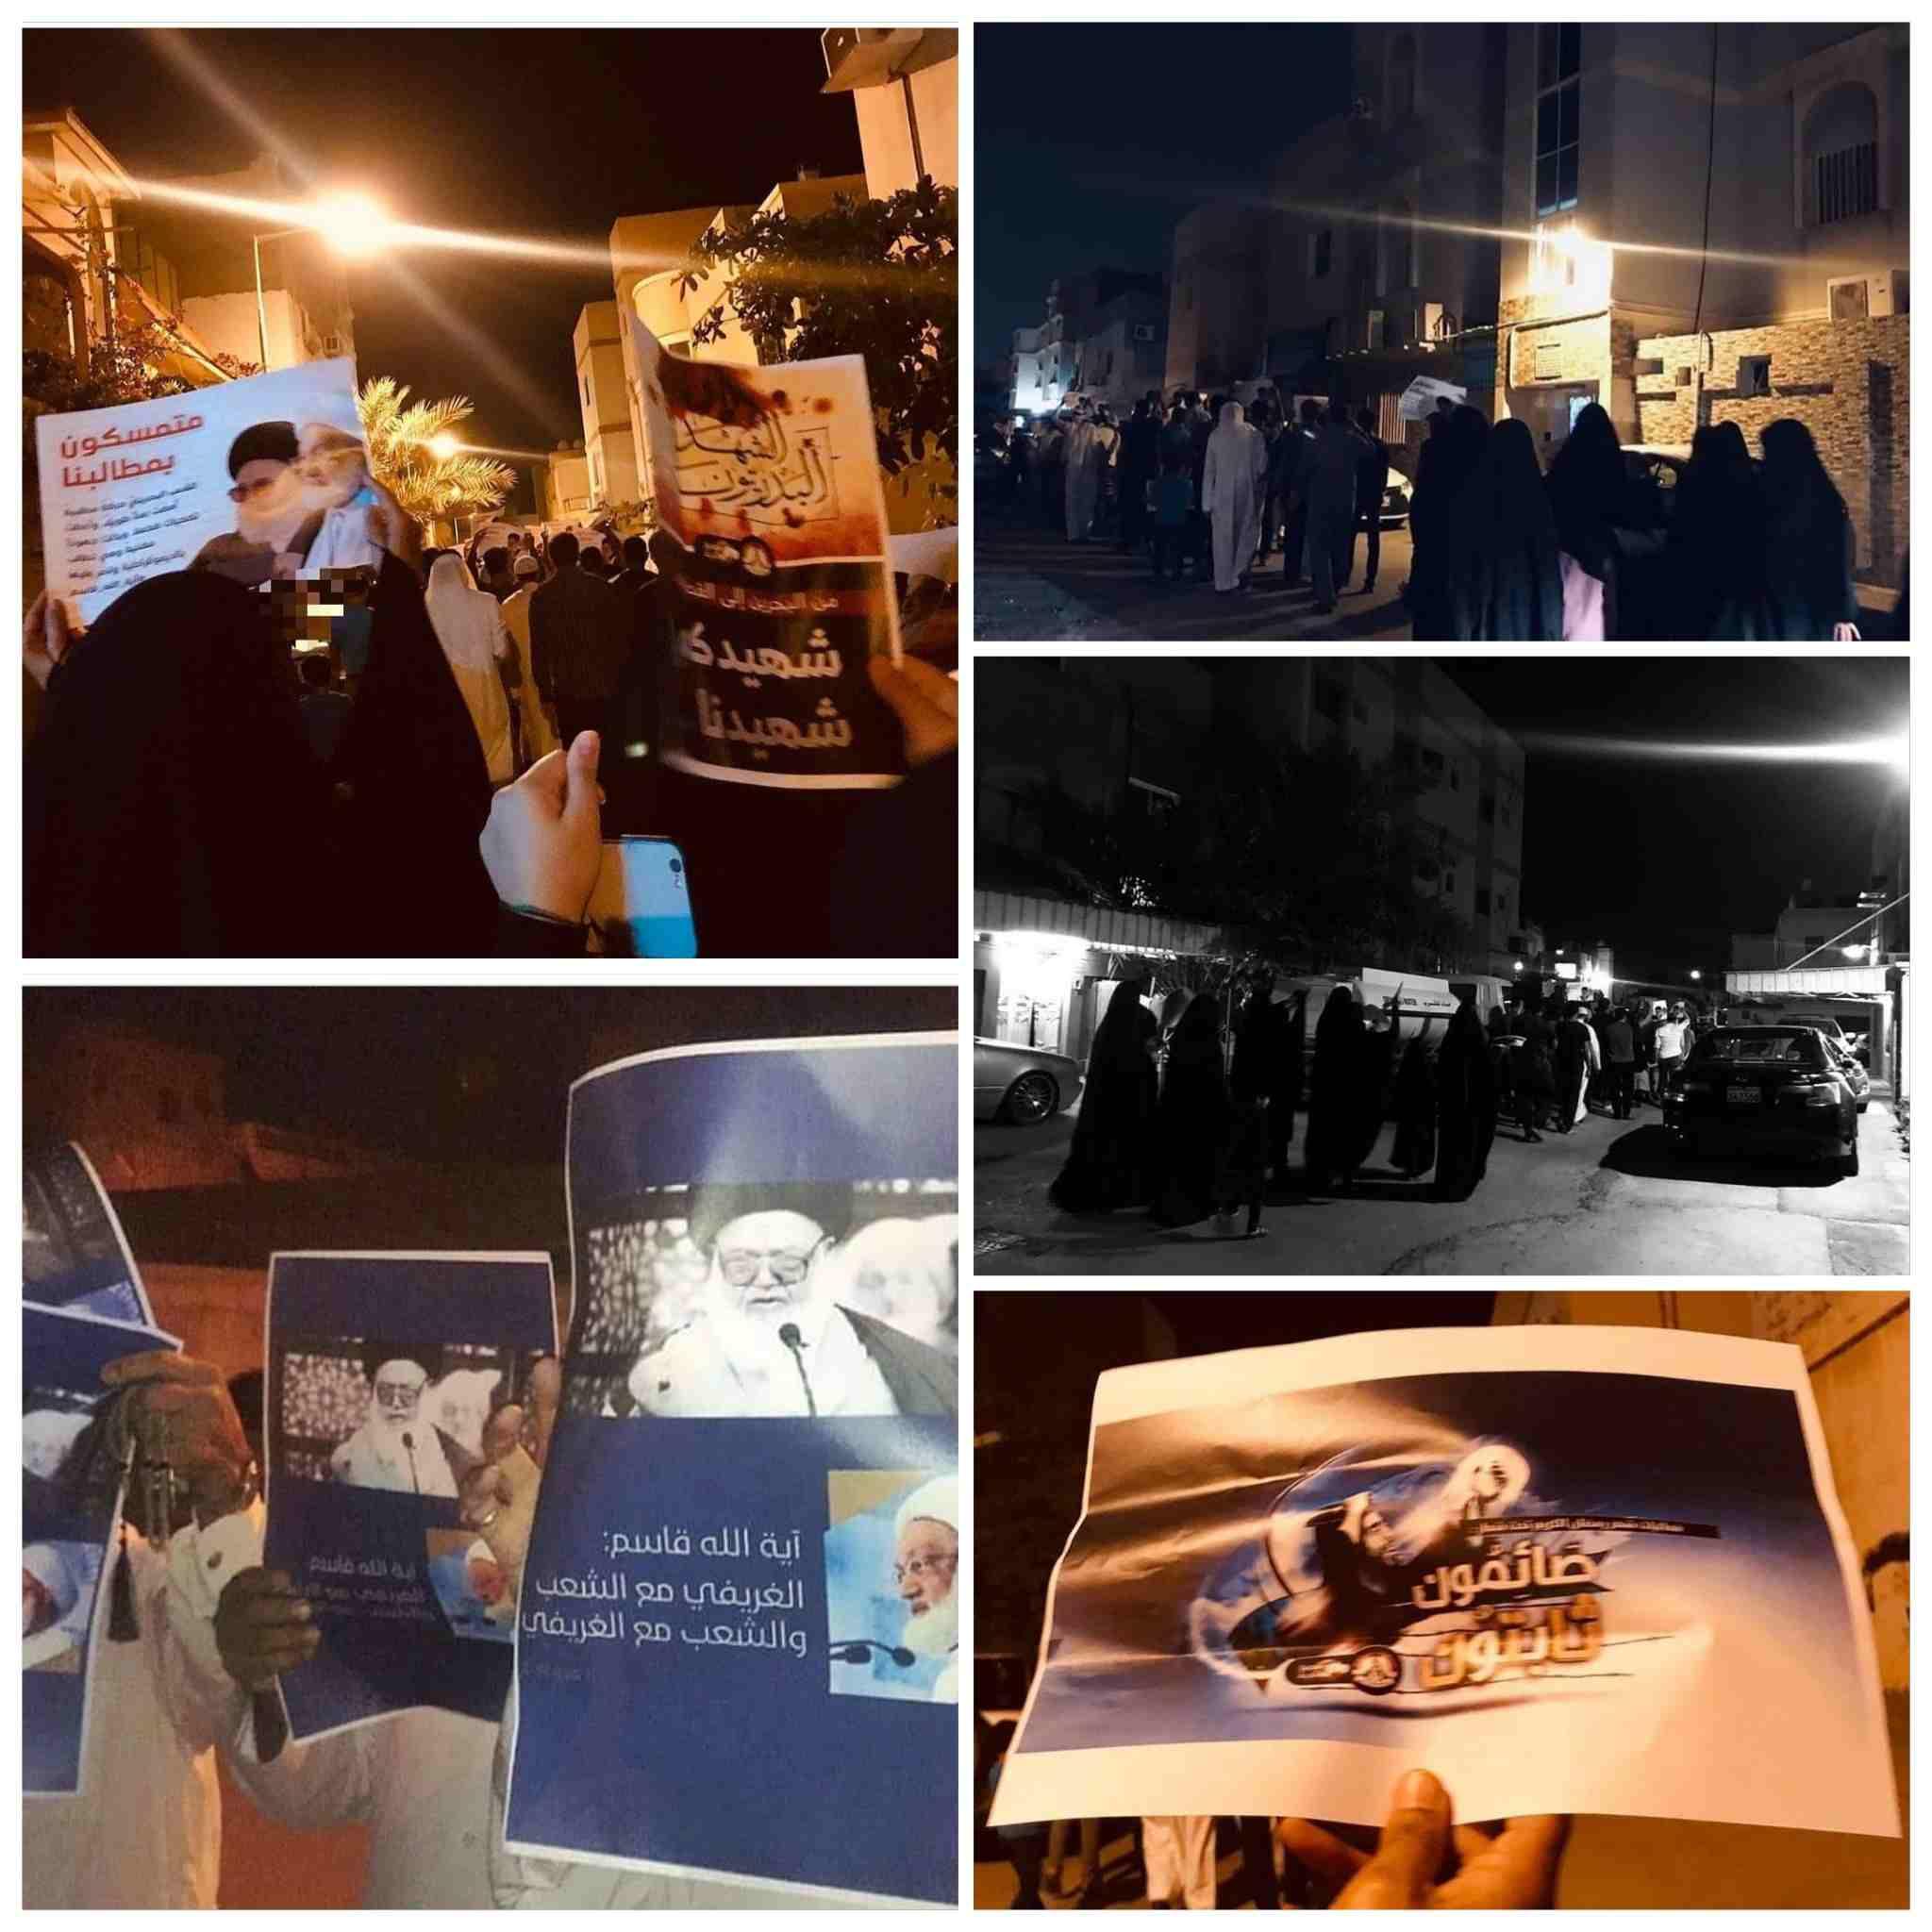 حراك ثوريّ في بلدات البحرين وفاء لدماء «الشهداء البدريّين»